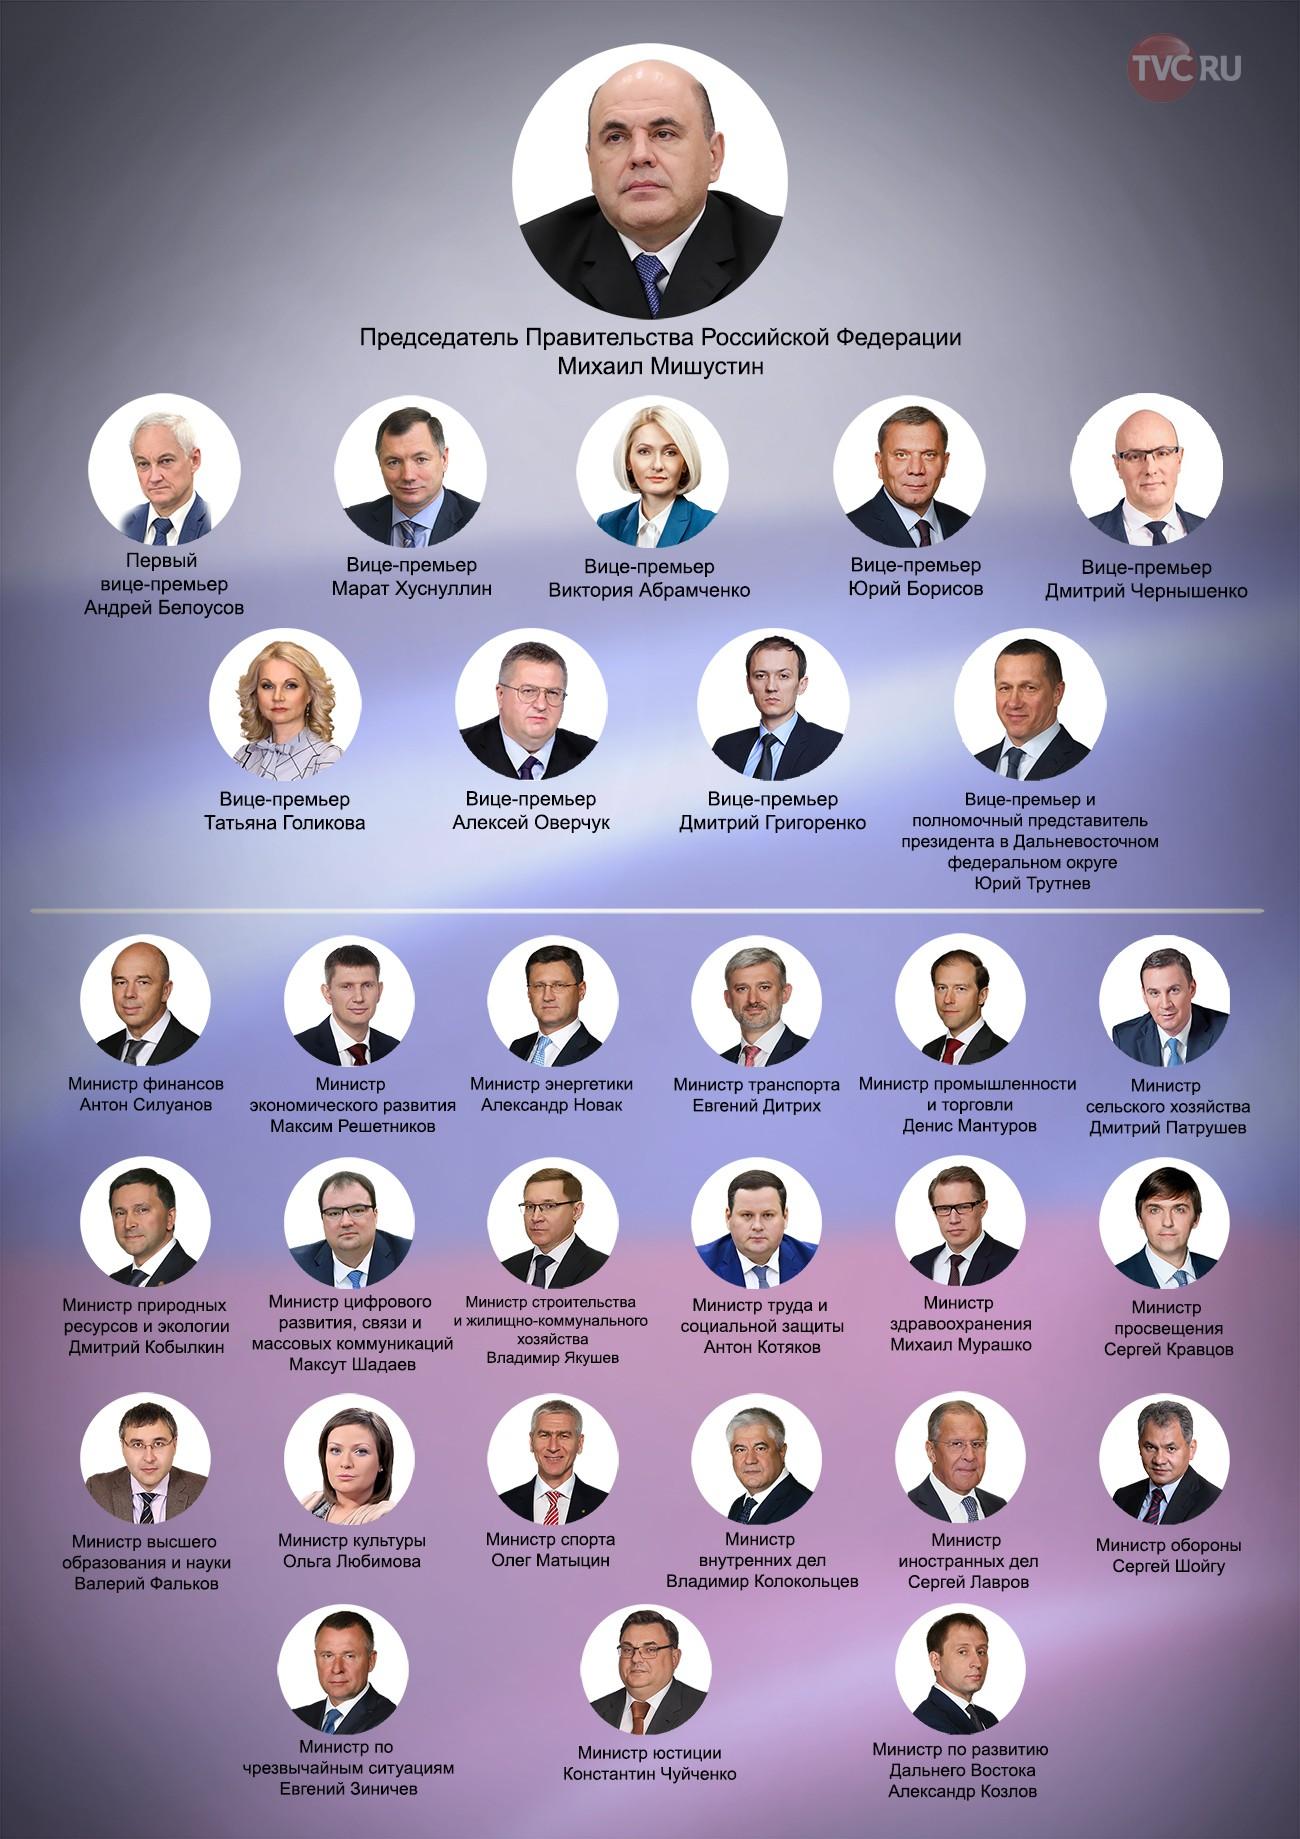 Инфографика: состав нового правительства